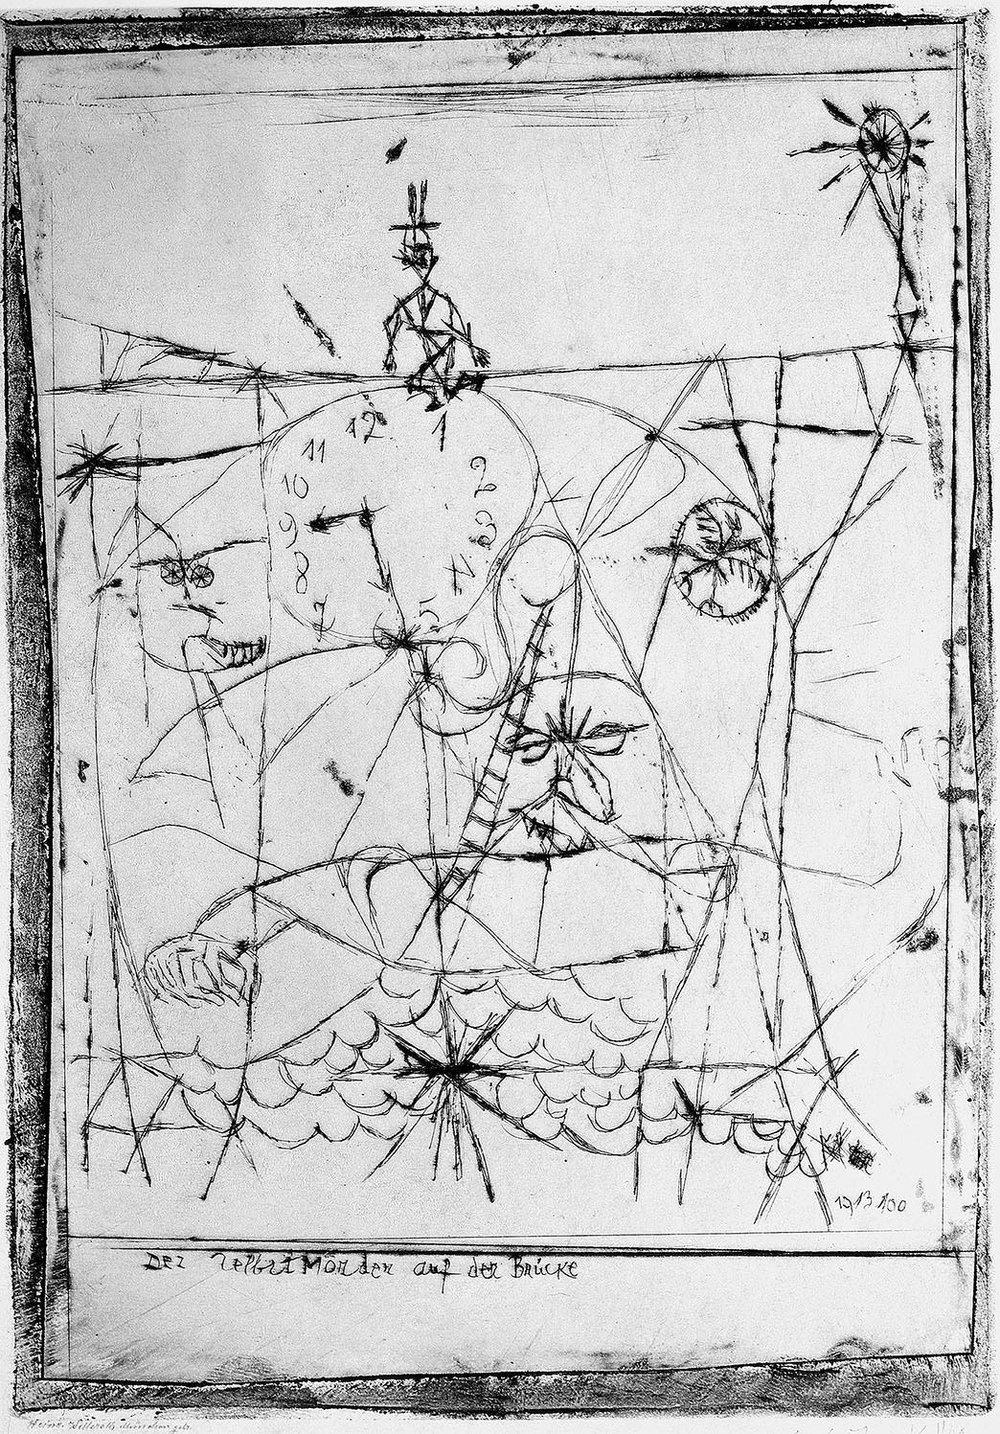 Abb.42 Paul Klee, Der Selbst Mörder auf der Brücke, 1916, 53 , Kaltnadel, 21,8 x 15,3 cm , Standort unbekannt © Zentrum Paul Klee, Bern, Archiv